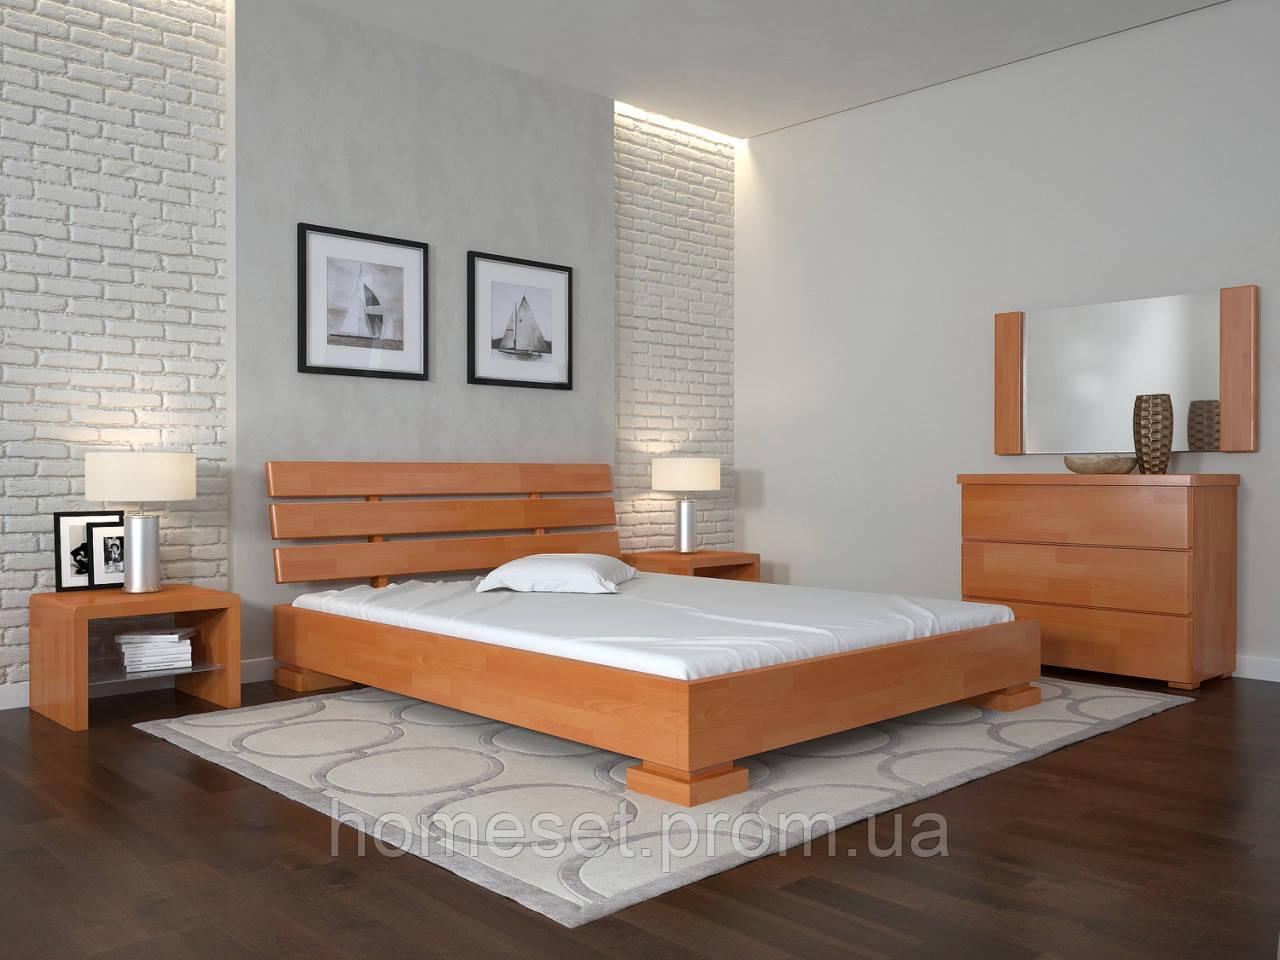 Деревянная кровать Премьер